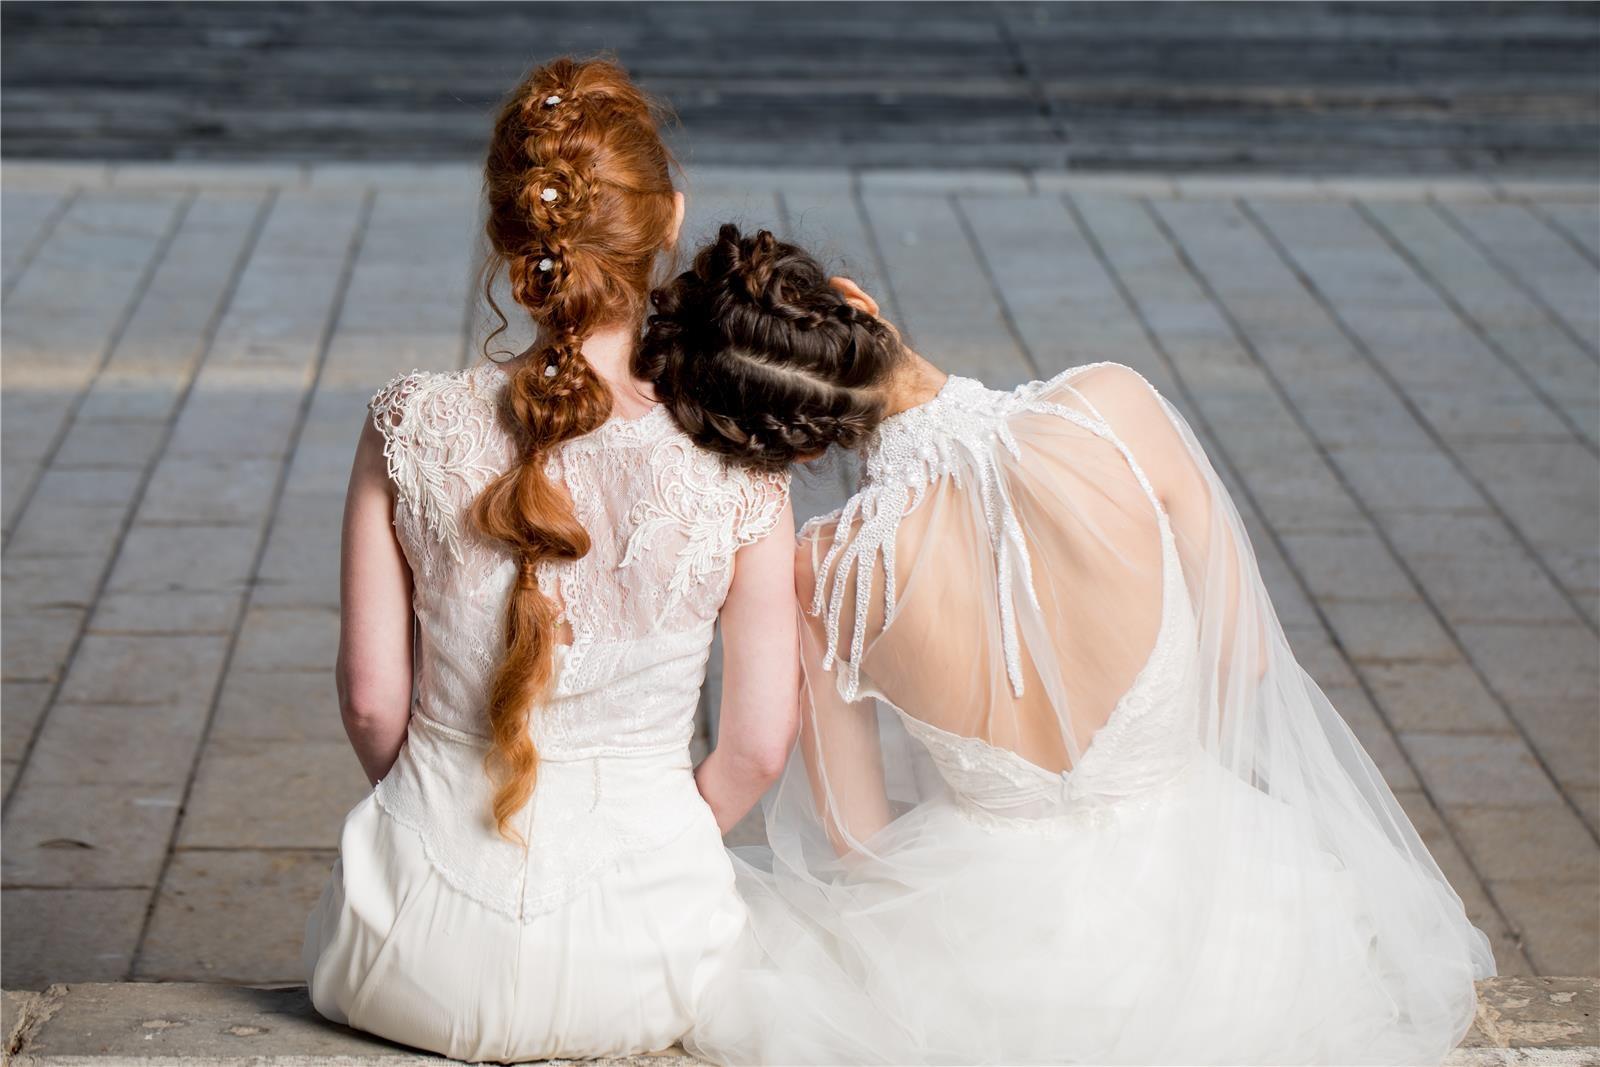 יריד שמלות הכלה של רוח נשית (צילום: תומר טרלן בן אבי)